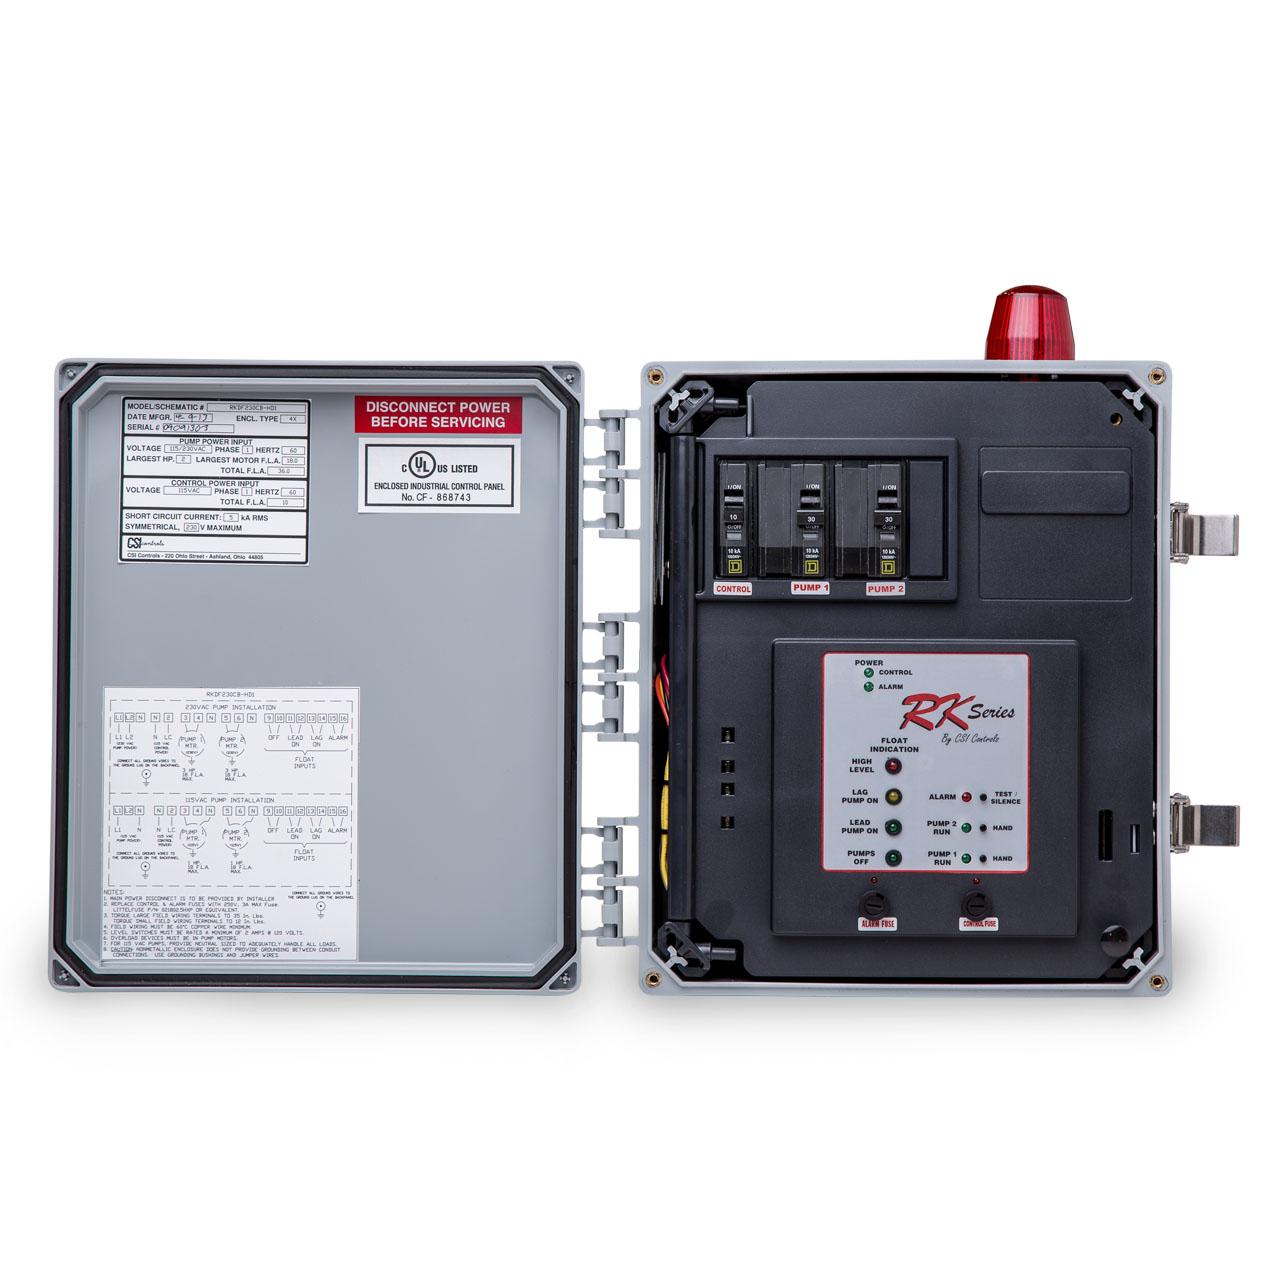 Csi Controls Csi Controls Rkdf115cb X Hd1 Ibtd Rk Duplex